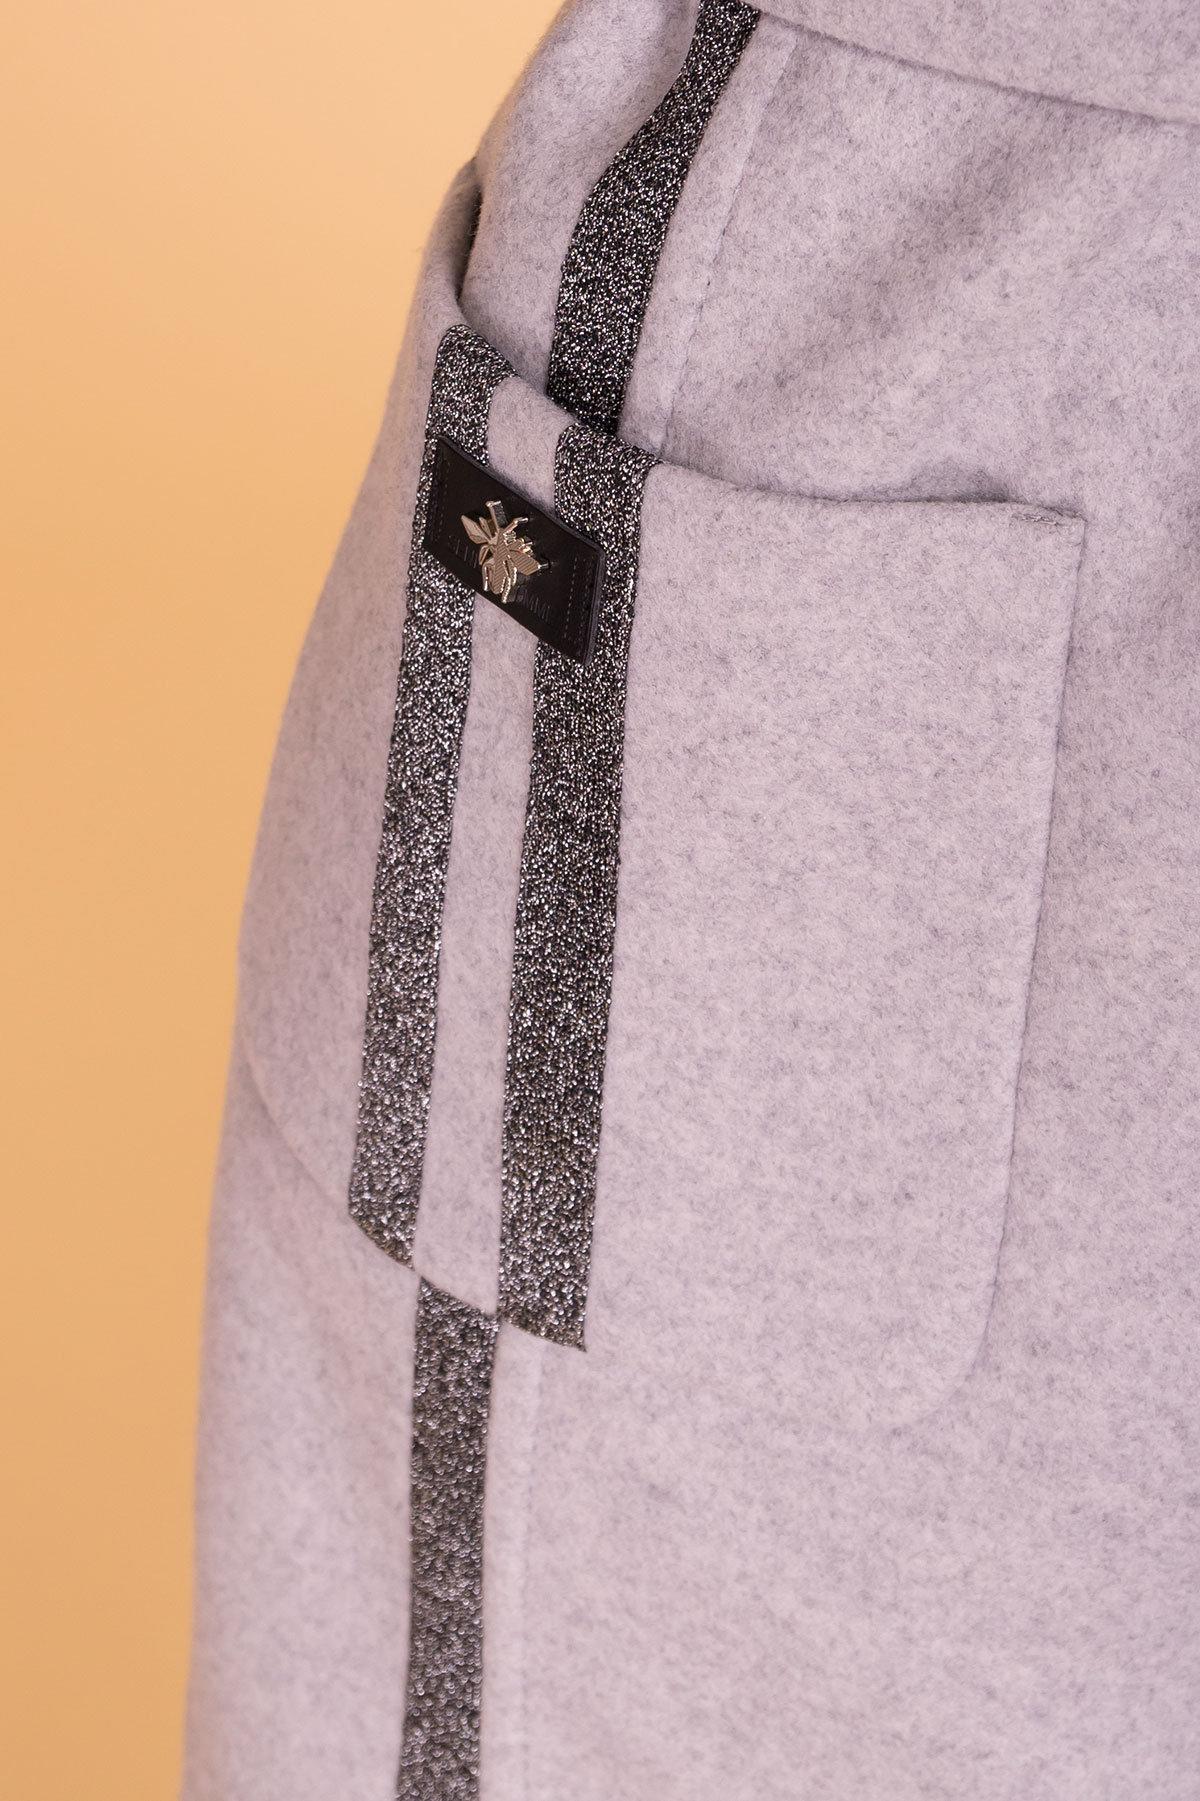 Пальто Приоритет лайт 6307 АРТ. 41093 Цвет: Серый Светлый 27 - фото 6, интернет магазин tm-modus.ru